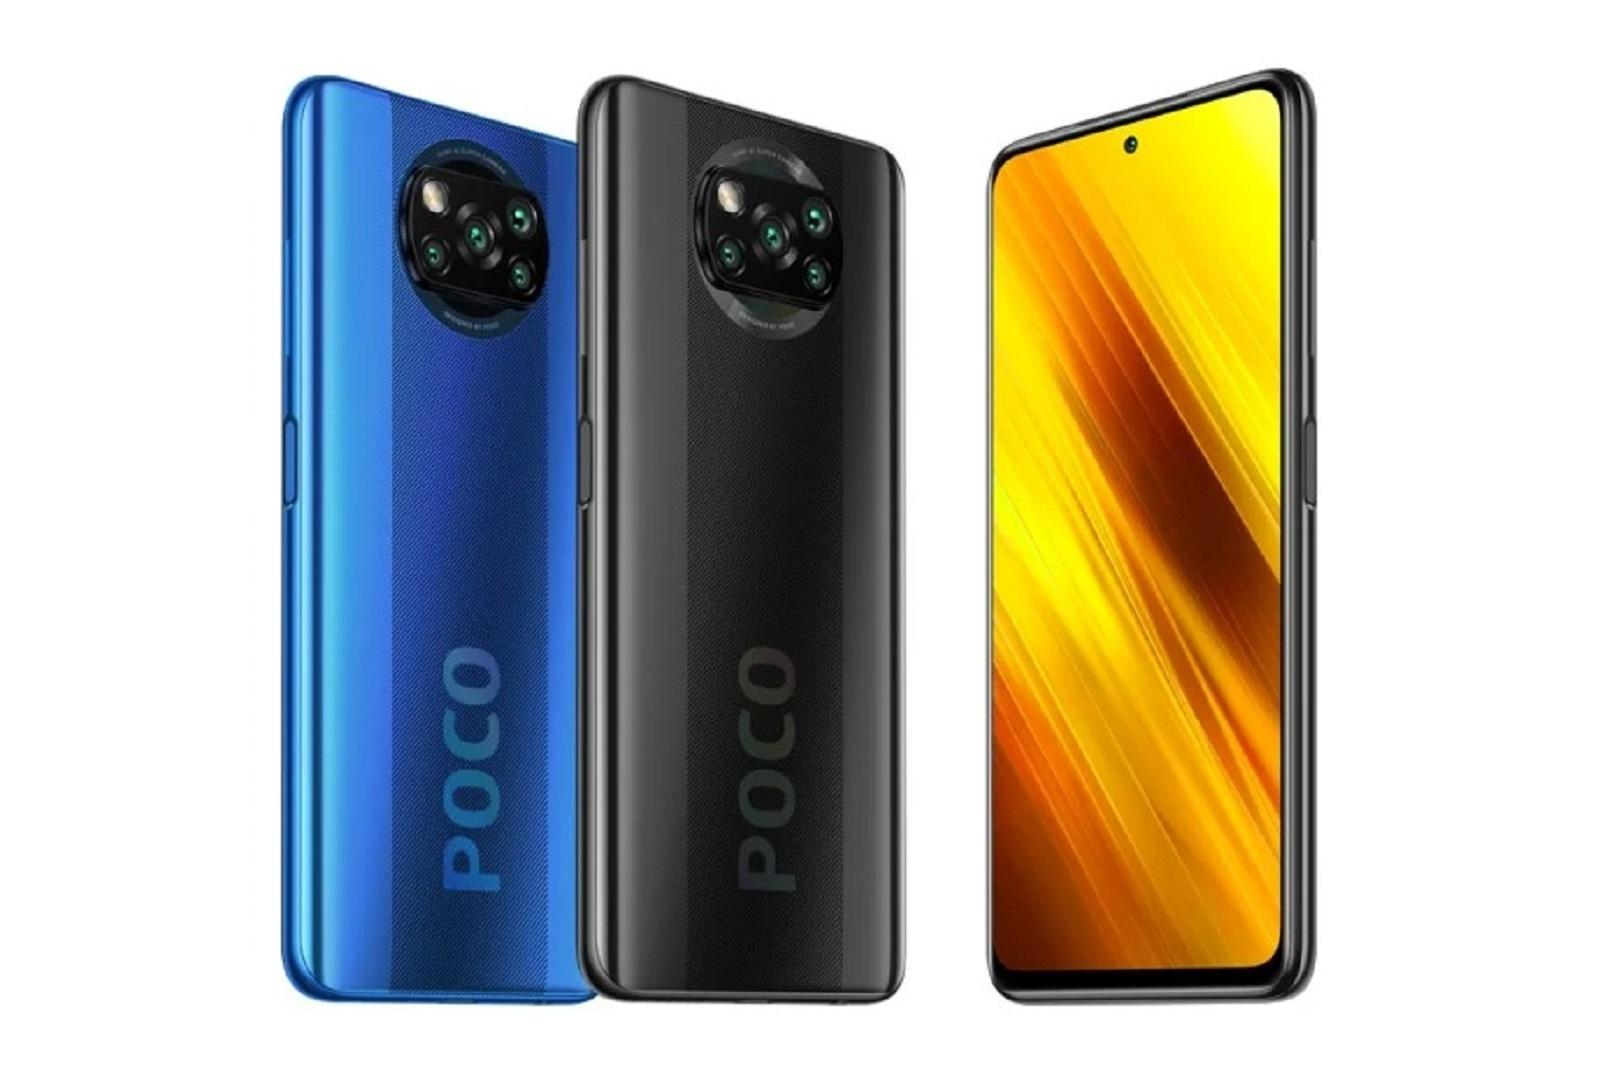 orta segment telefon POCO X3 Pro fiyatı ve özellikleri neler ? - teknoupdates